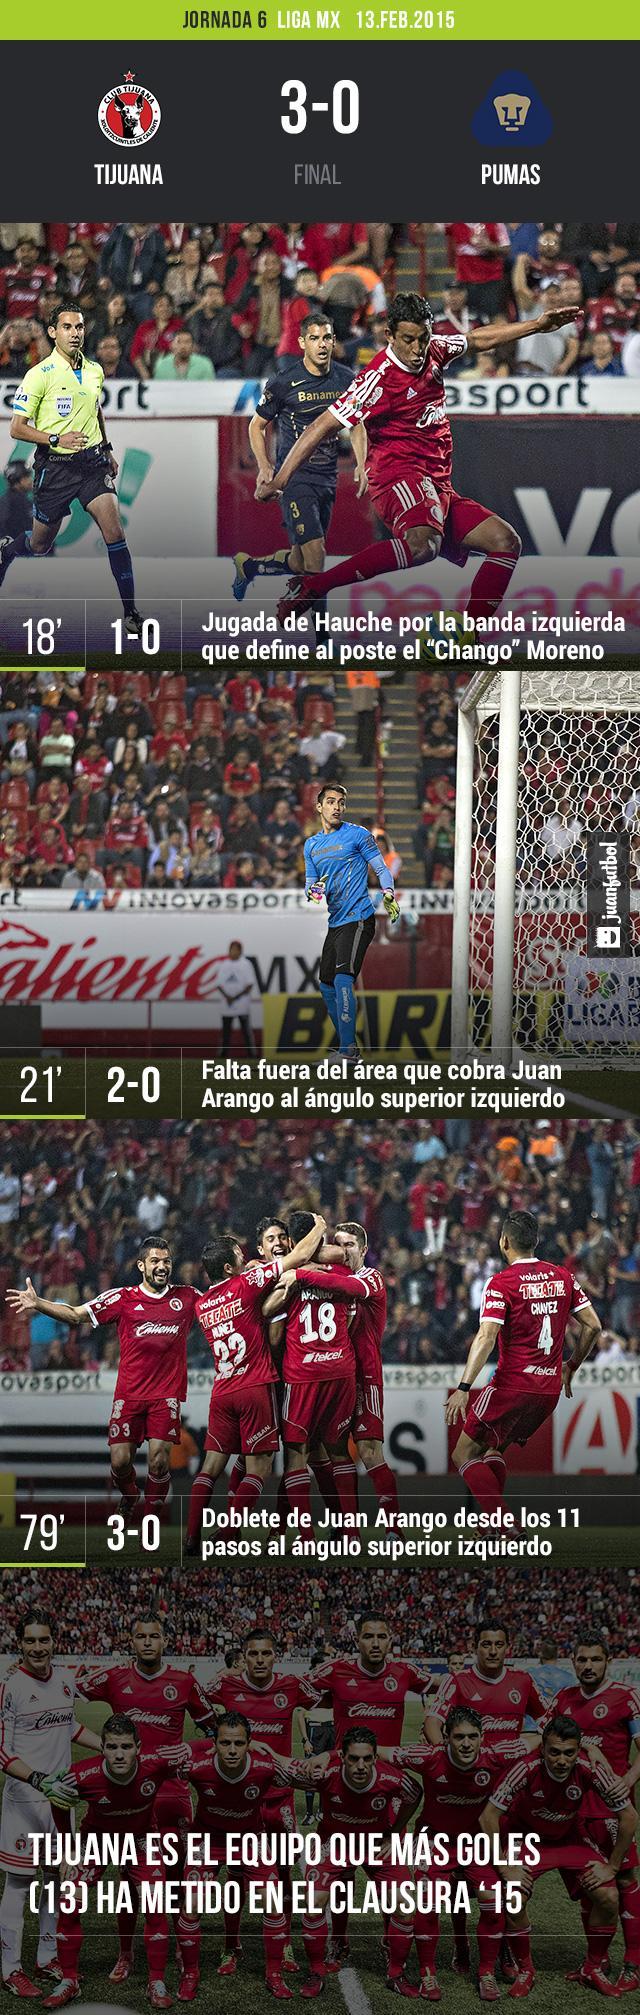 Pumas cayó en Tijuana 3-0 con goles de Moreno y Juan Arango